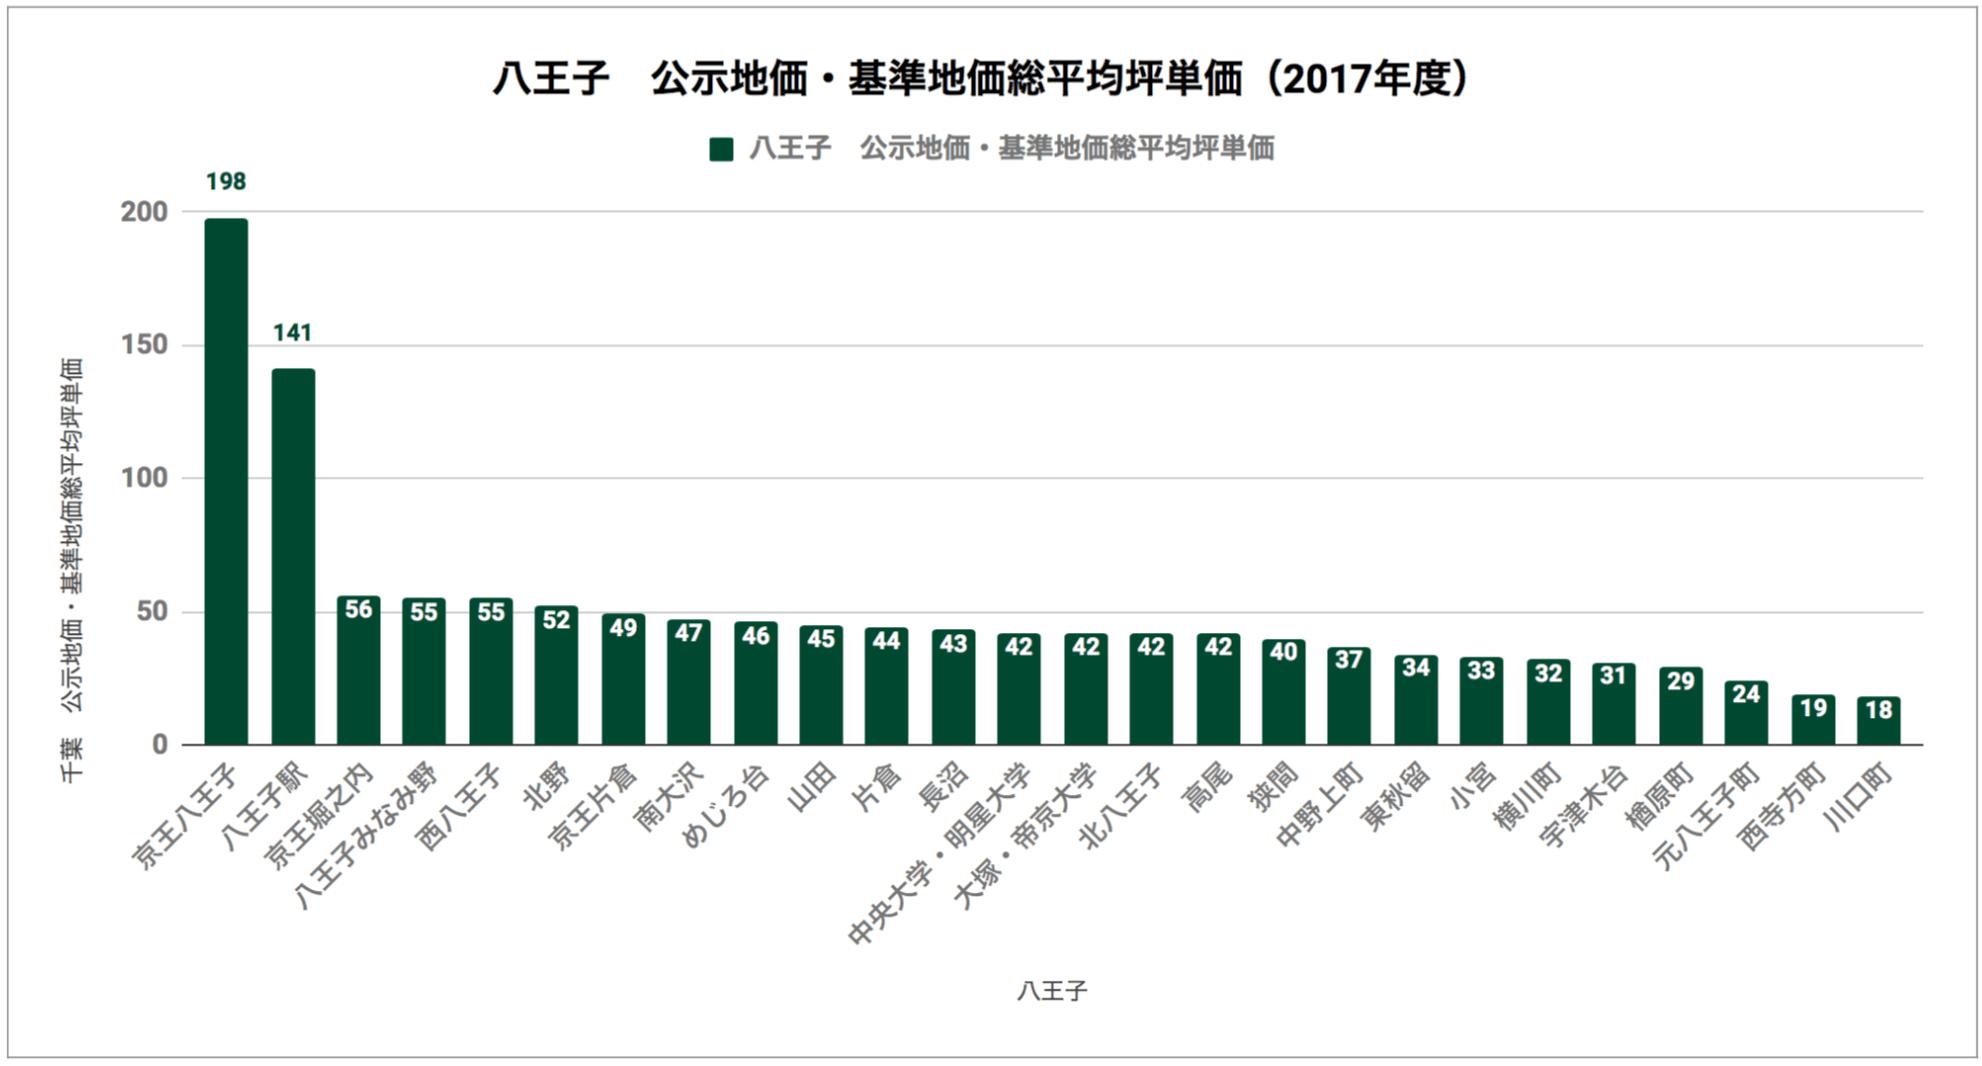 八王子「公示地価・基準地価総平均坪単価(2017年度)」